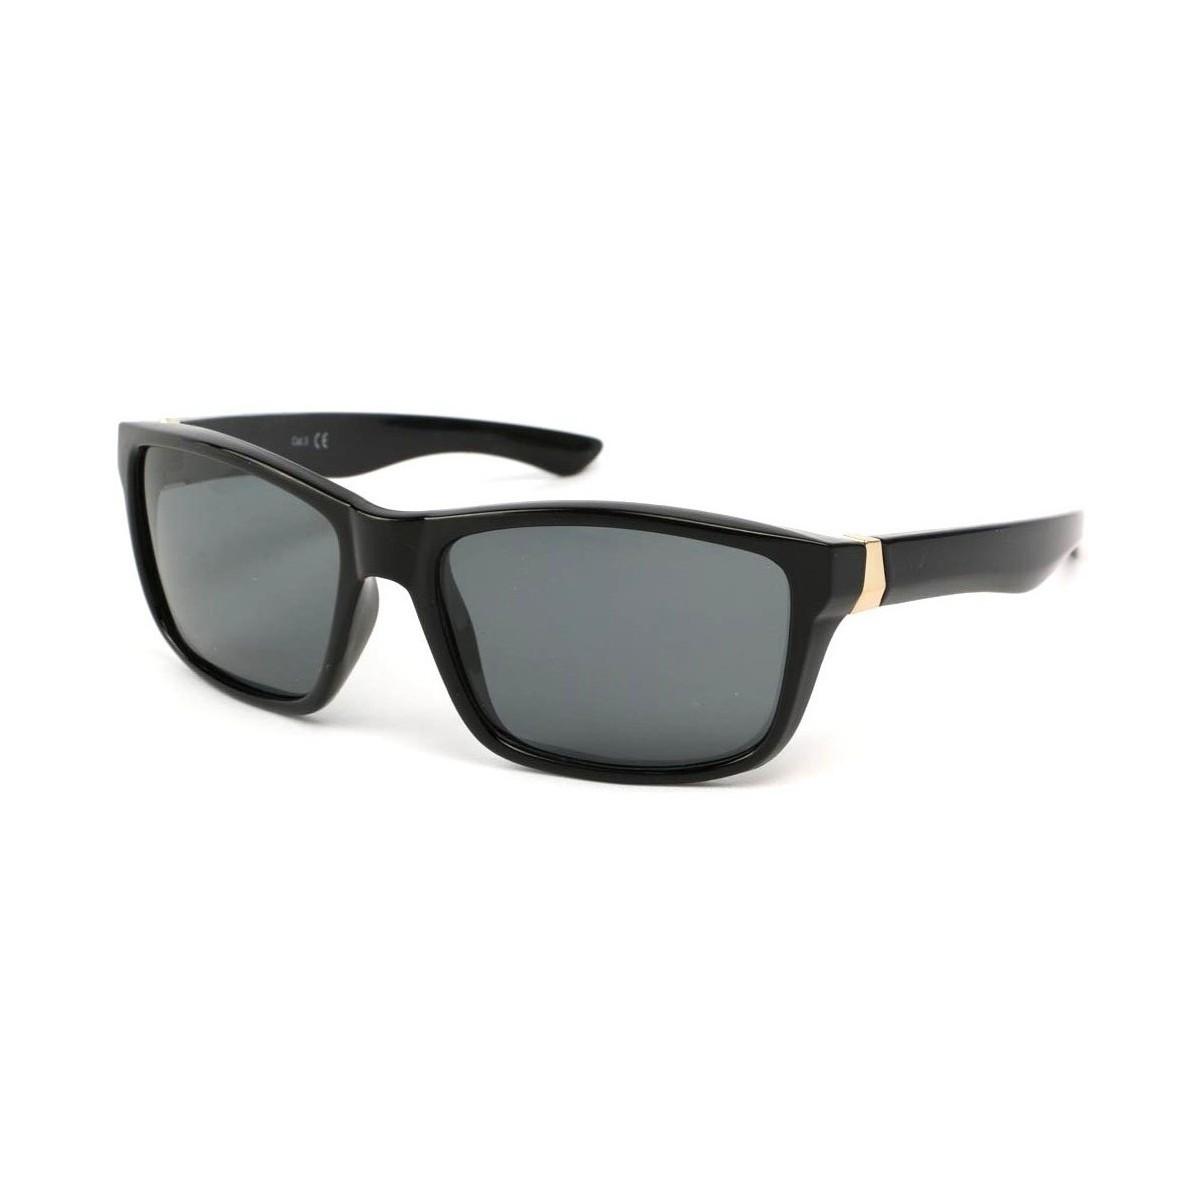 Eye Wear Lunettes Polarisante Number avec monture Noire Noir